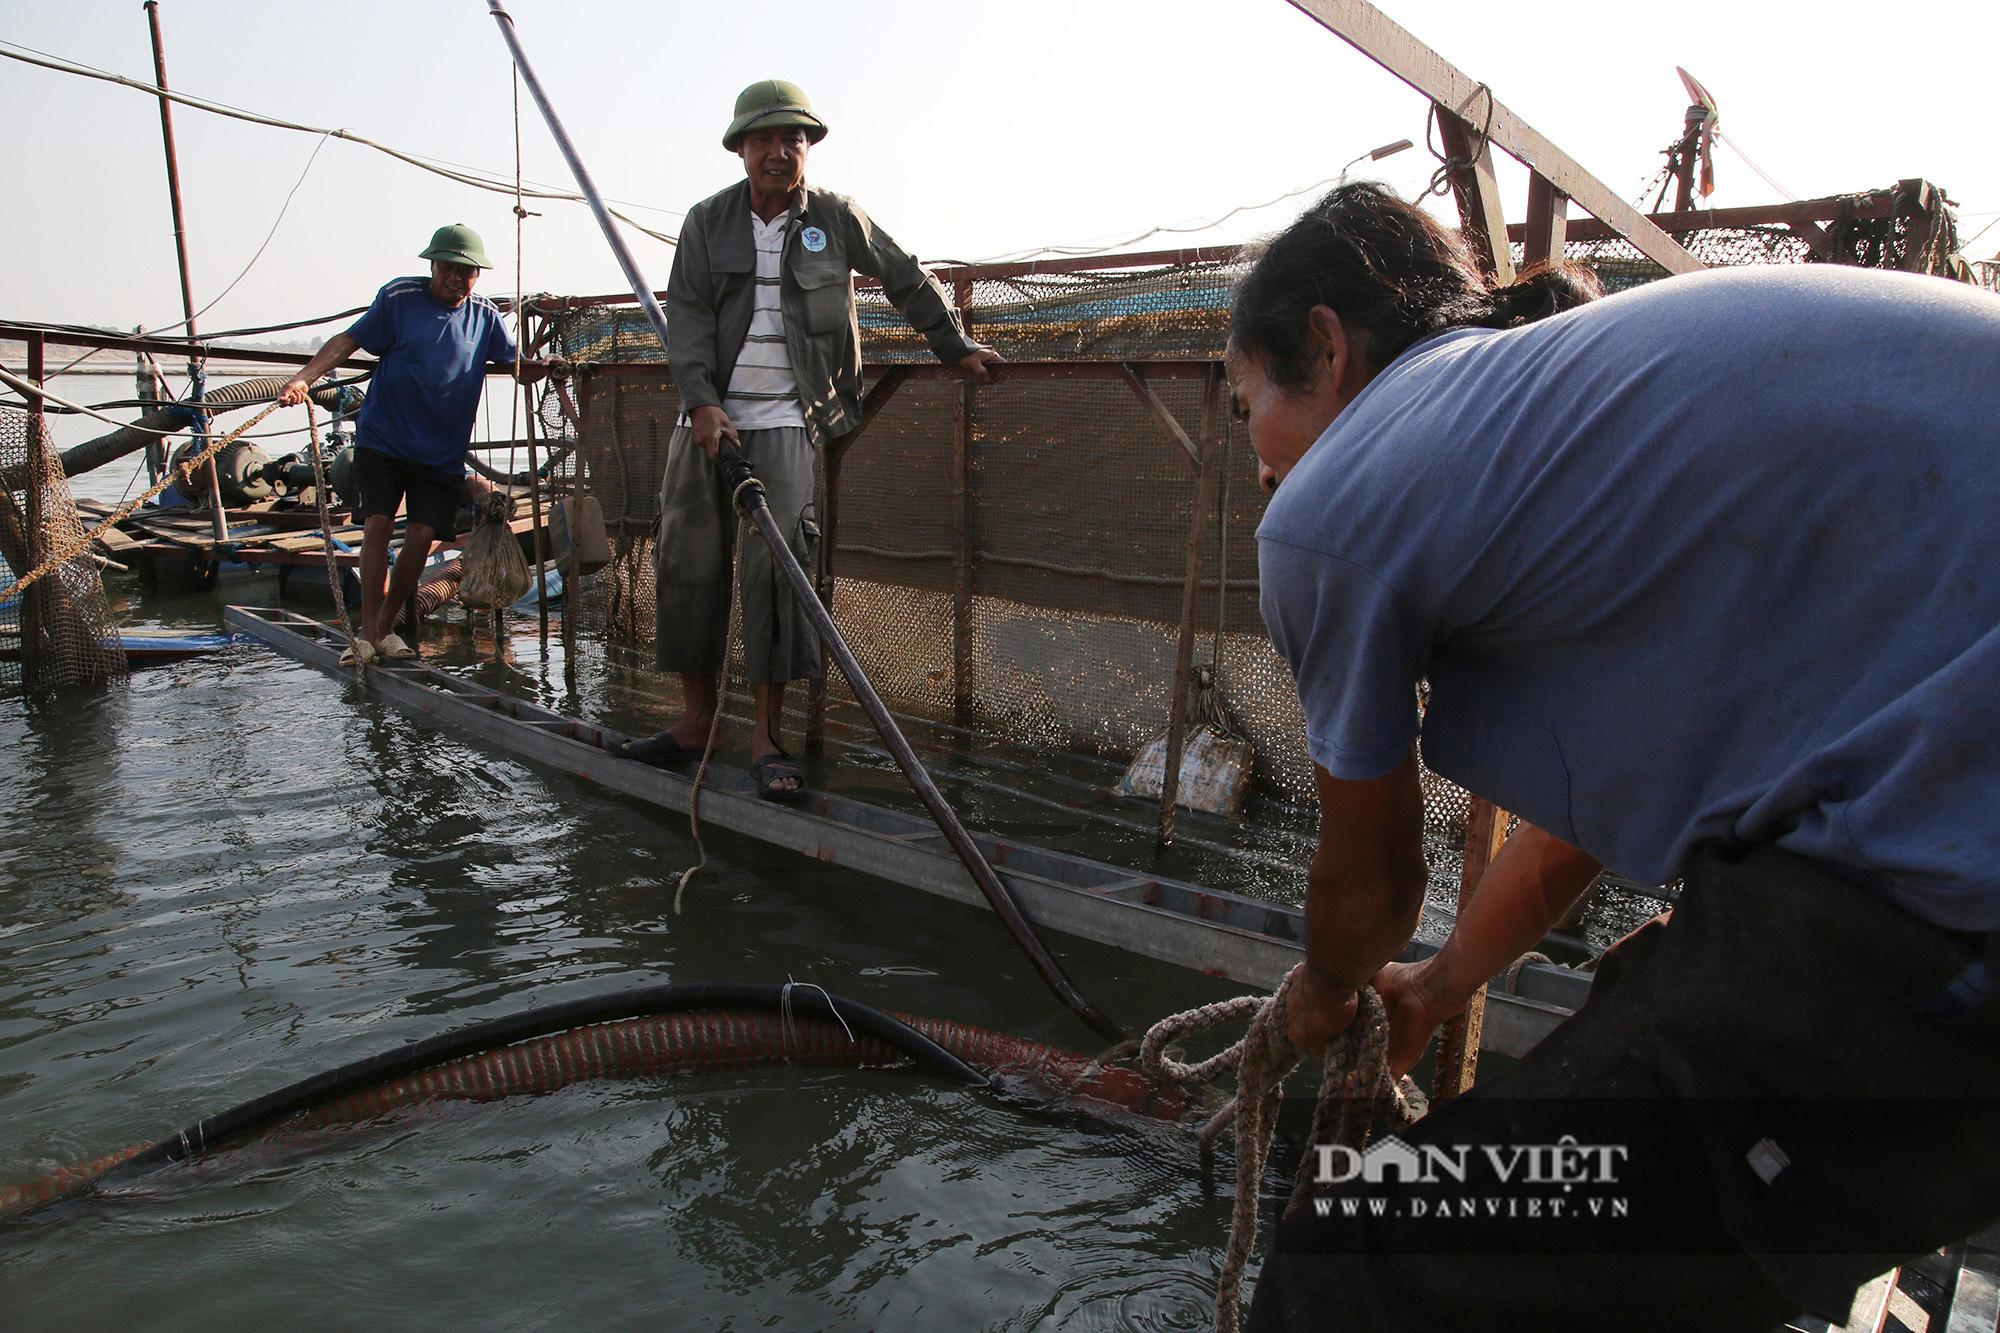 Dân nuôi cá trên sông Đà hút cát để cứu cá do nước sông cạn - Ảnh 6.